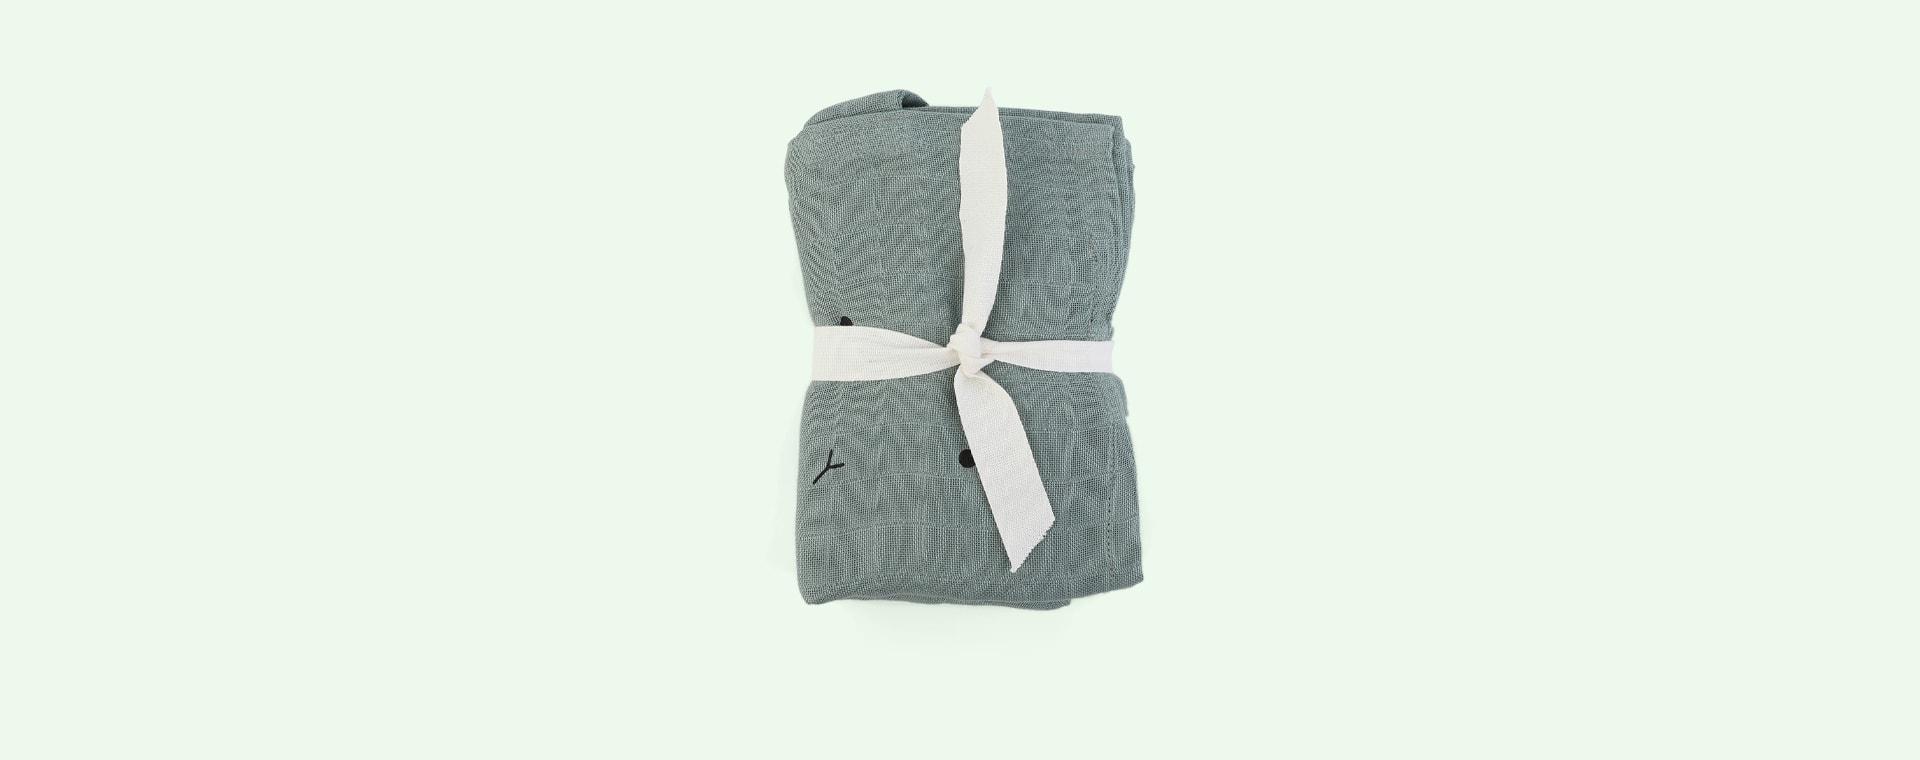 Rabbit Peppermint Liewood Hannah Muslin Cloth Rabbit 2 Pack